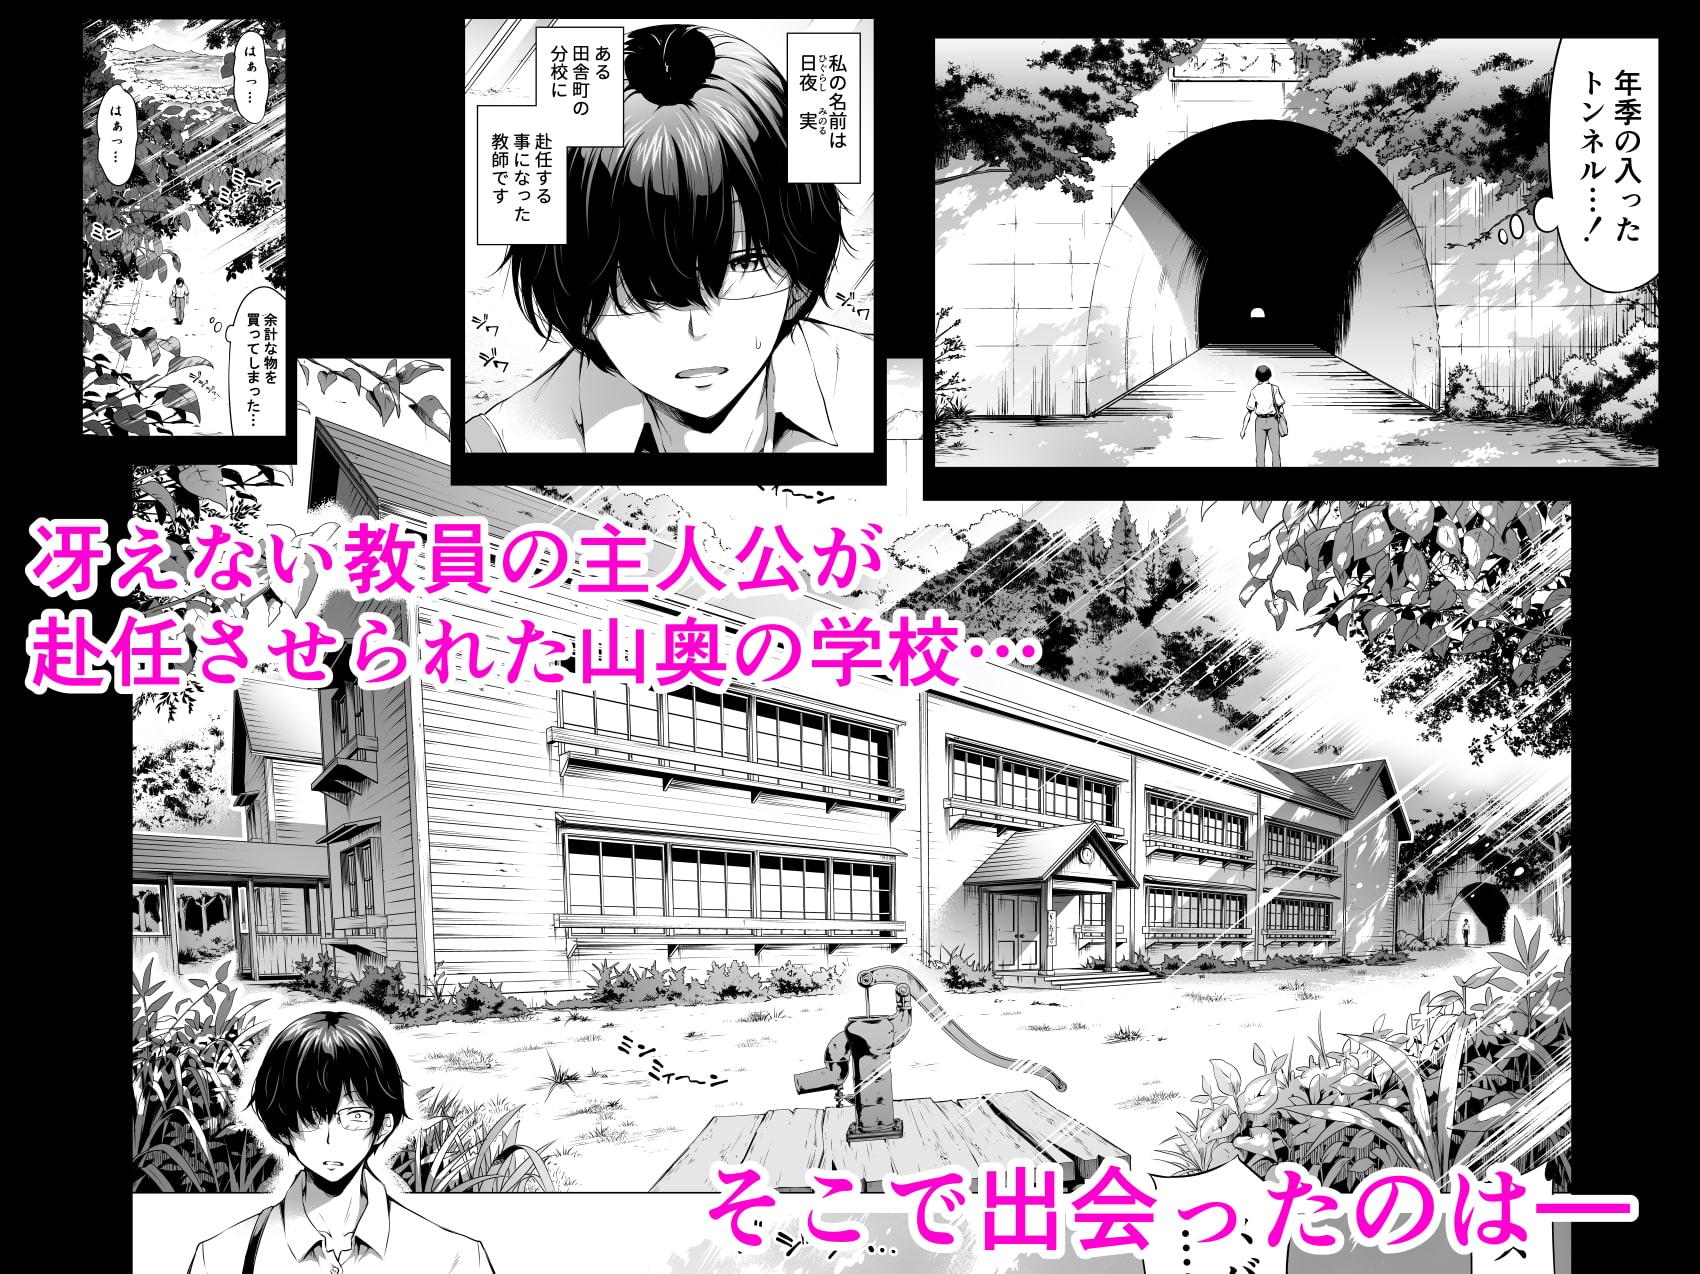 七夏の楽園1~田舎の学校で美少女ハーレム~皆で恋人ごっこ編のサンプル画像